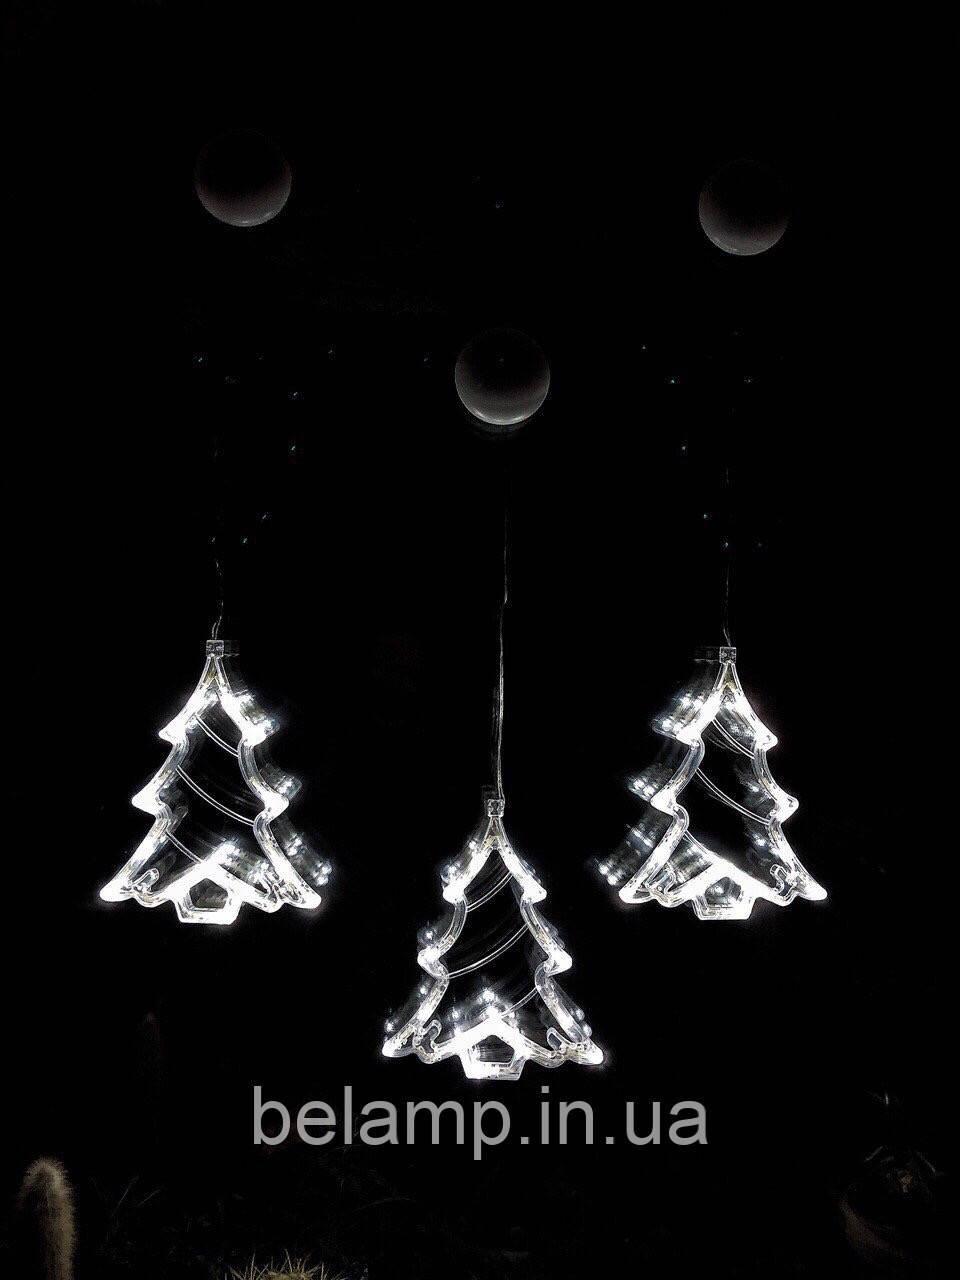 """Новогоднее украшение в виде  светодиодной елки """"Белая елочка"""". Цена  за 1 елочку"""